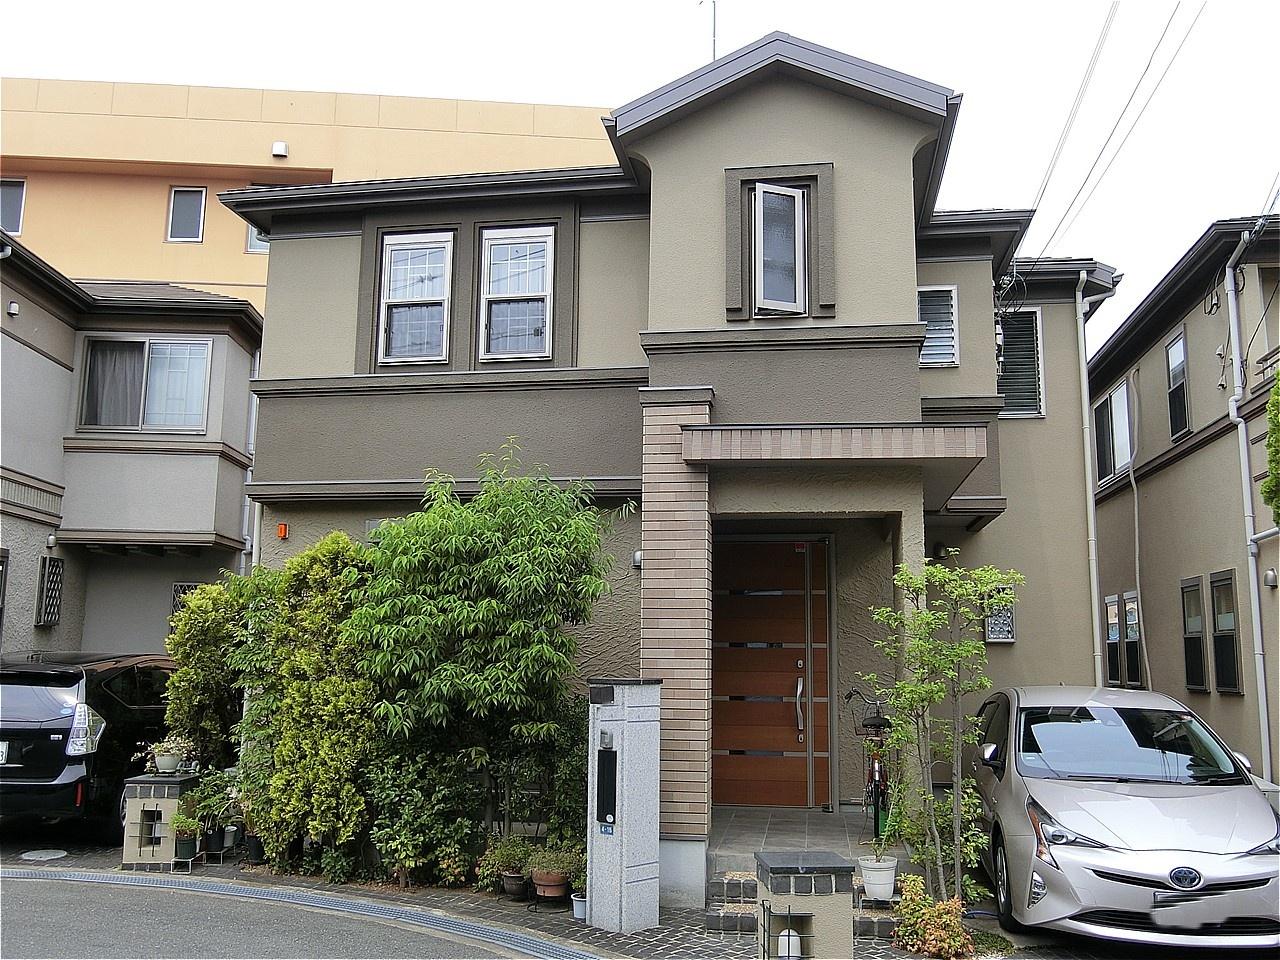 池田市 K様邸のお引き渡しをさせて頂きました。